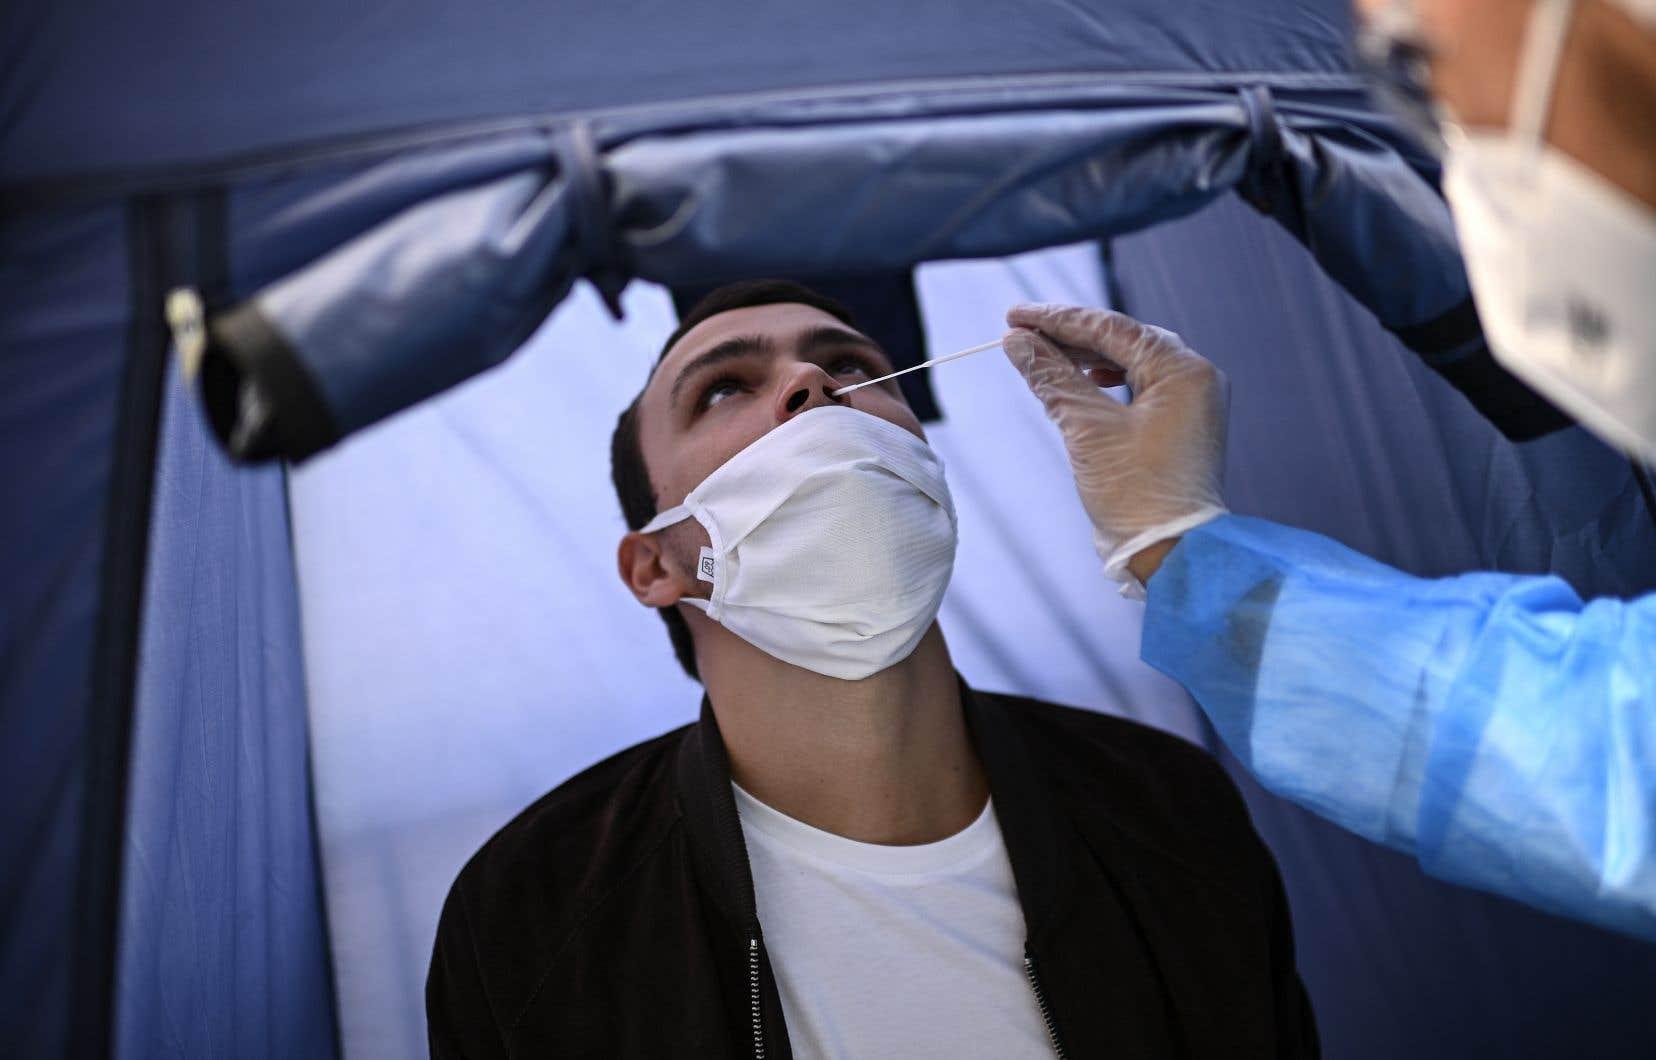 Les tests continuent leur progression, avec 1029275 sur les 7 derniers jours, soit près de 9millions réalisés en tout depuis le début de l'épidémie en mars.